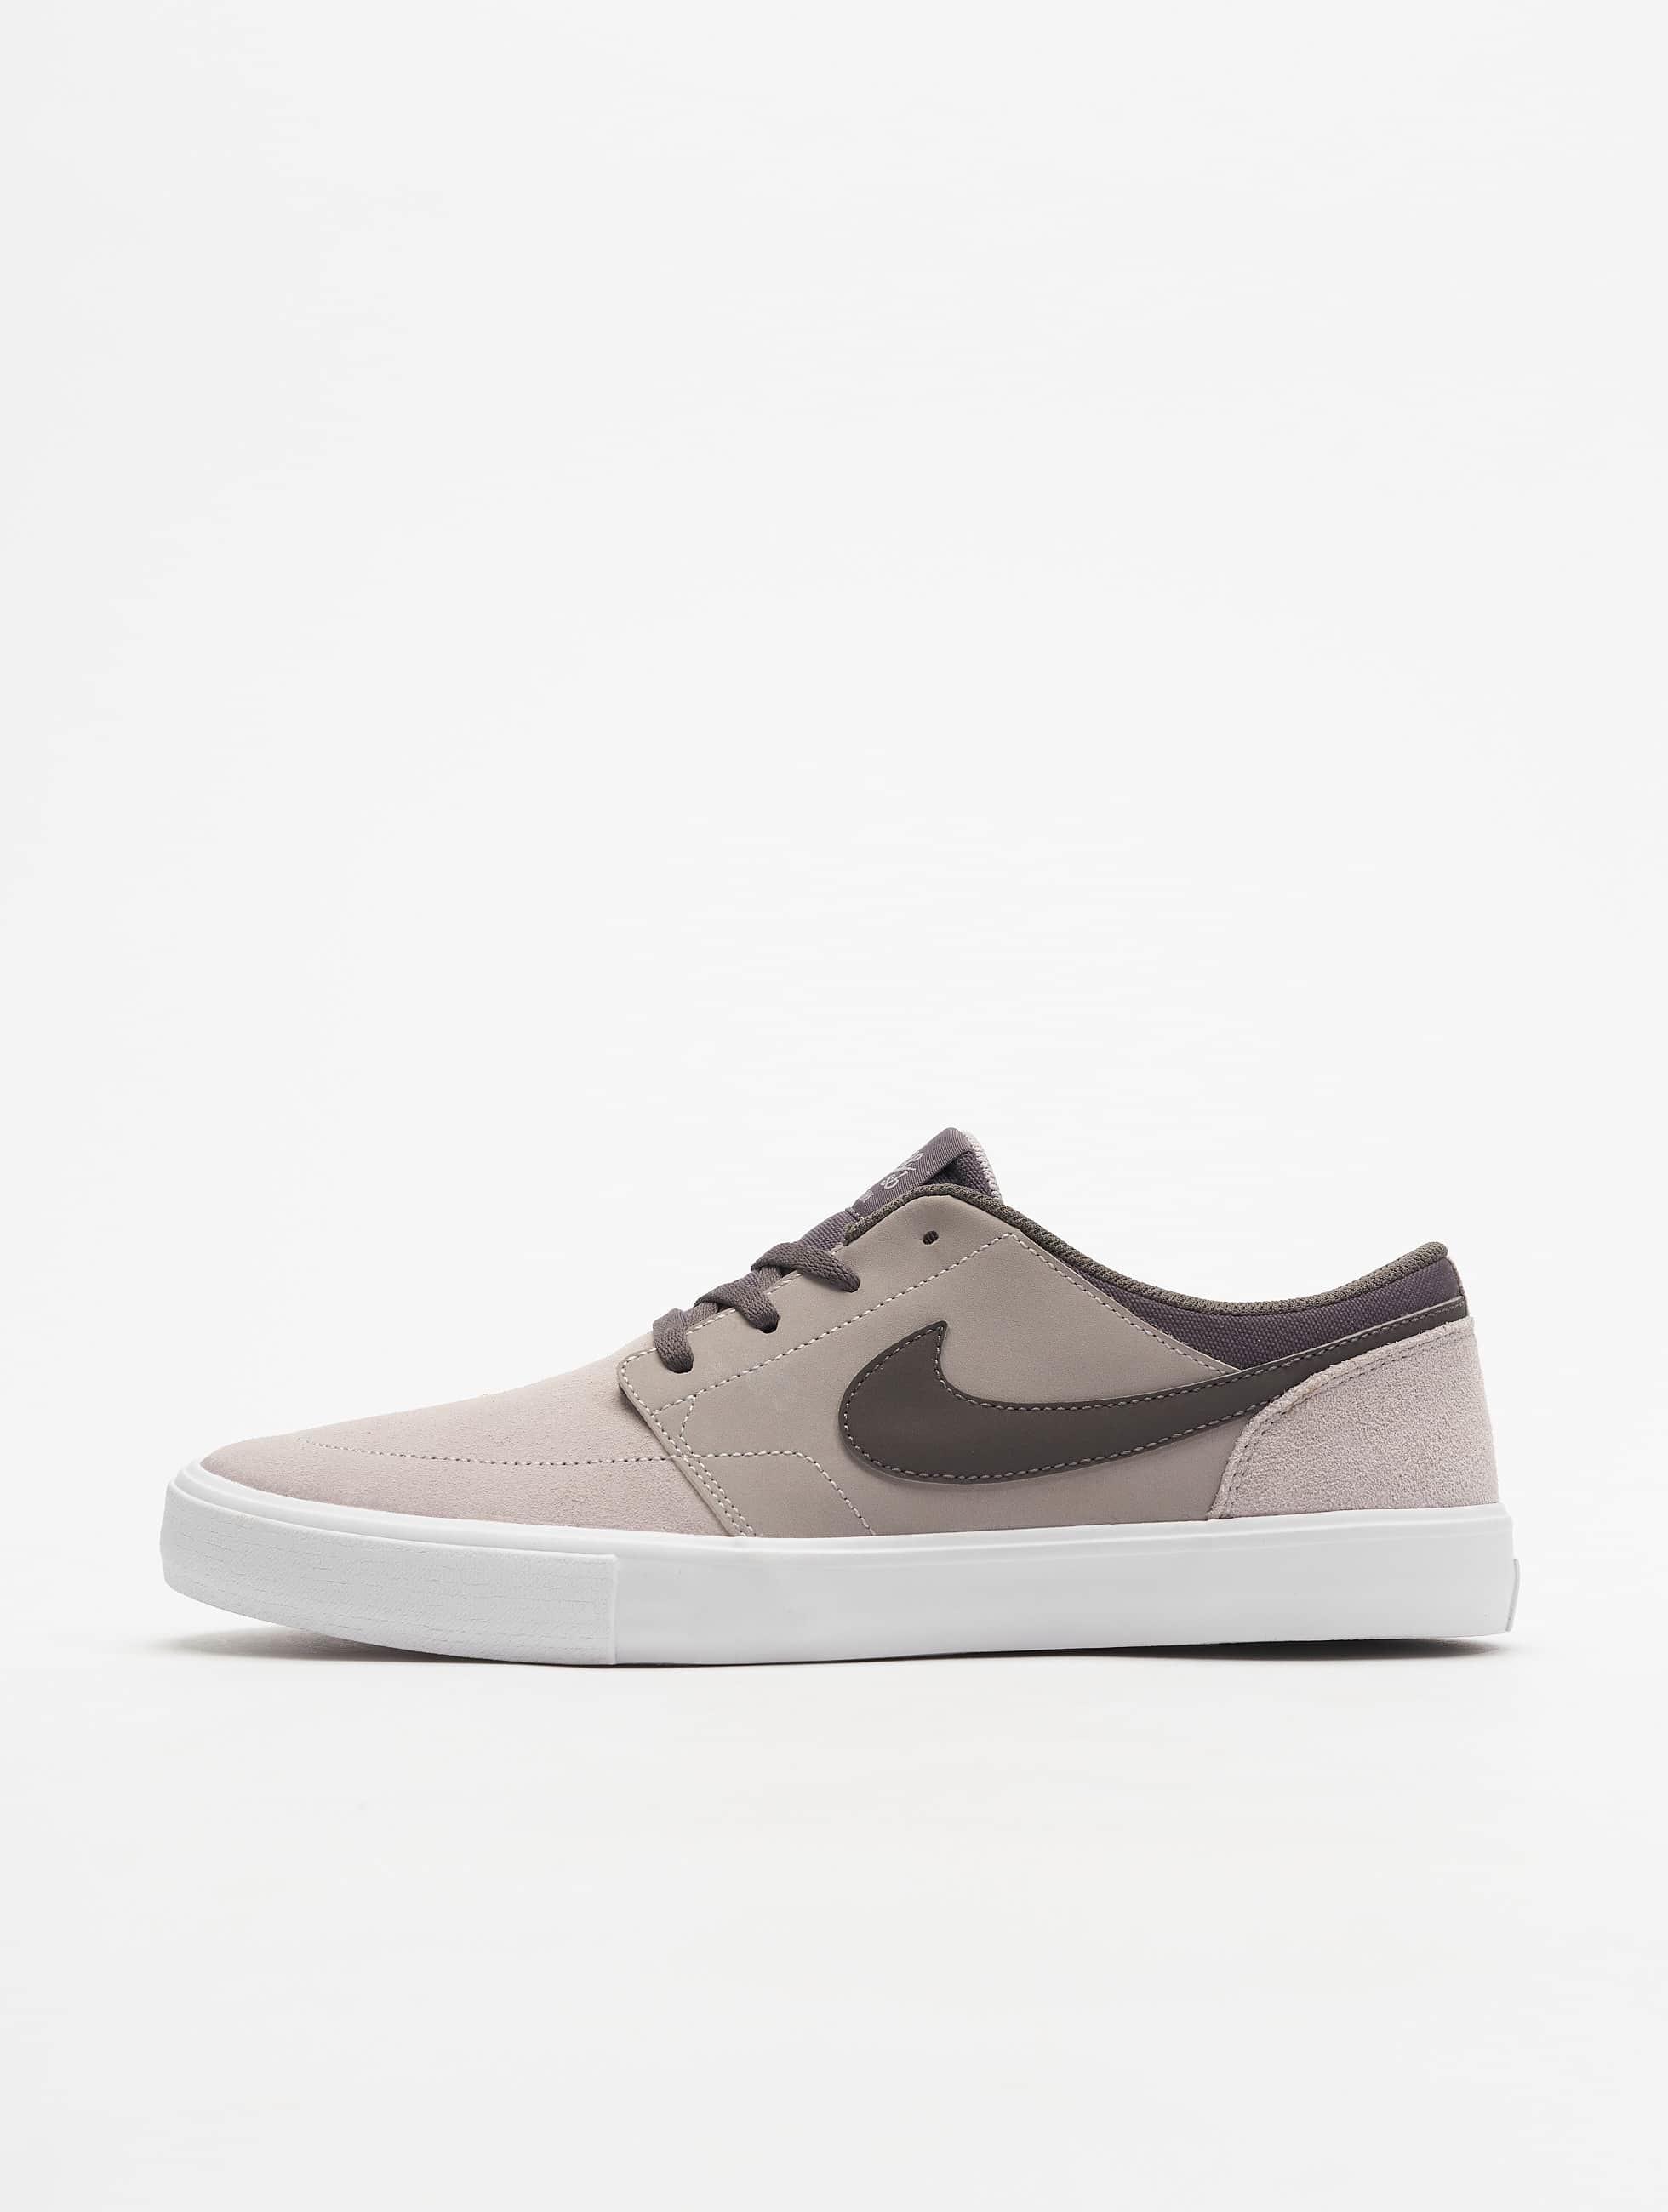 4be94ad4051 Nike SB schoen / sneaker SB Solarsoft Portmore II Skateboarding in grijs  580058